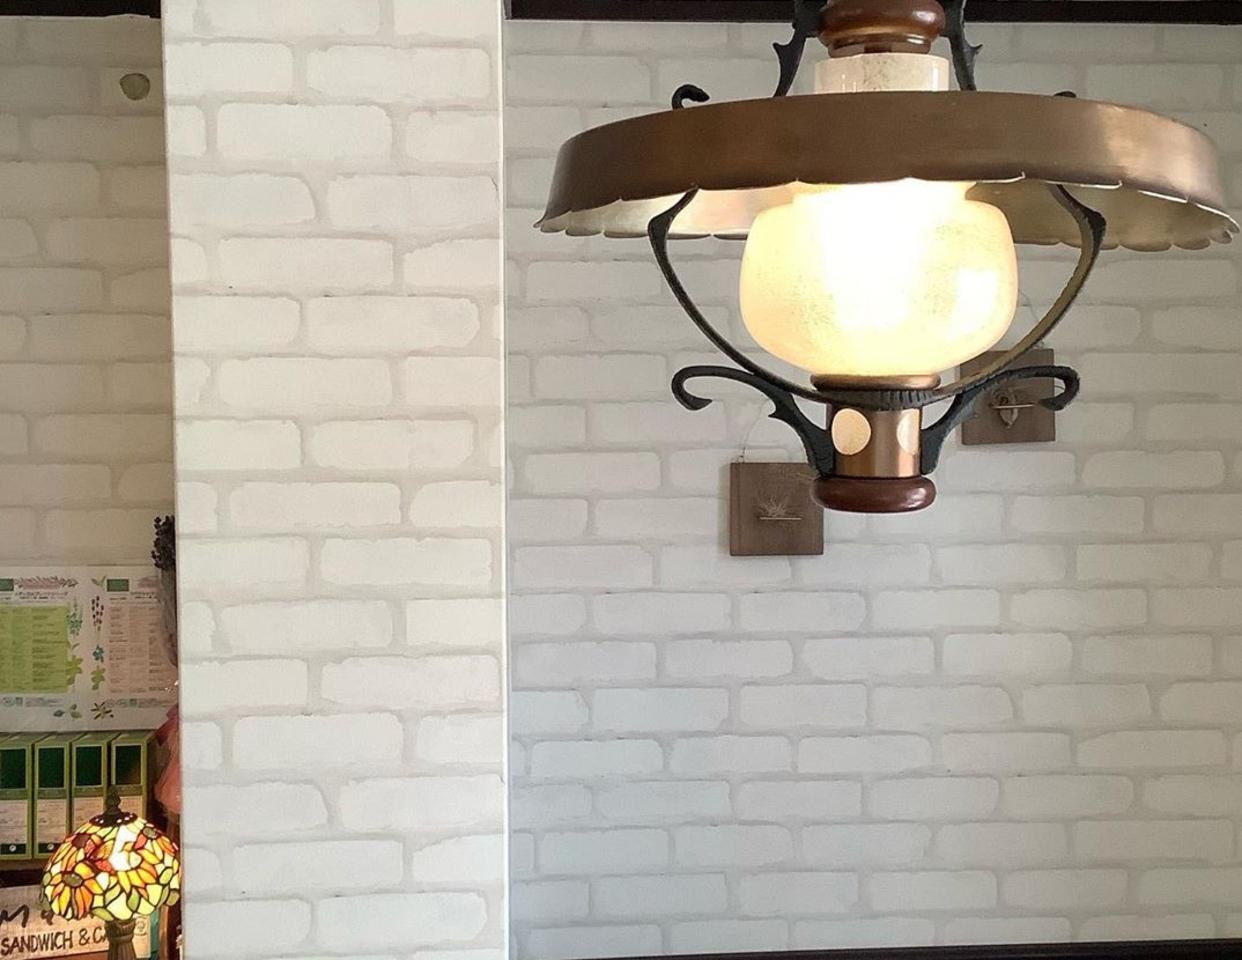 皆さんがホッとできる空間を...広島市中区本通のサンドウィッチ&カフェ「ママン」